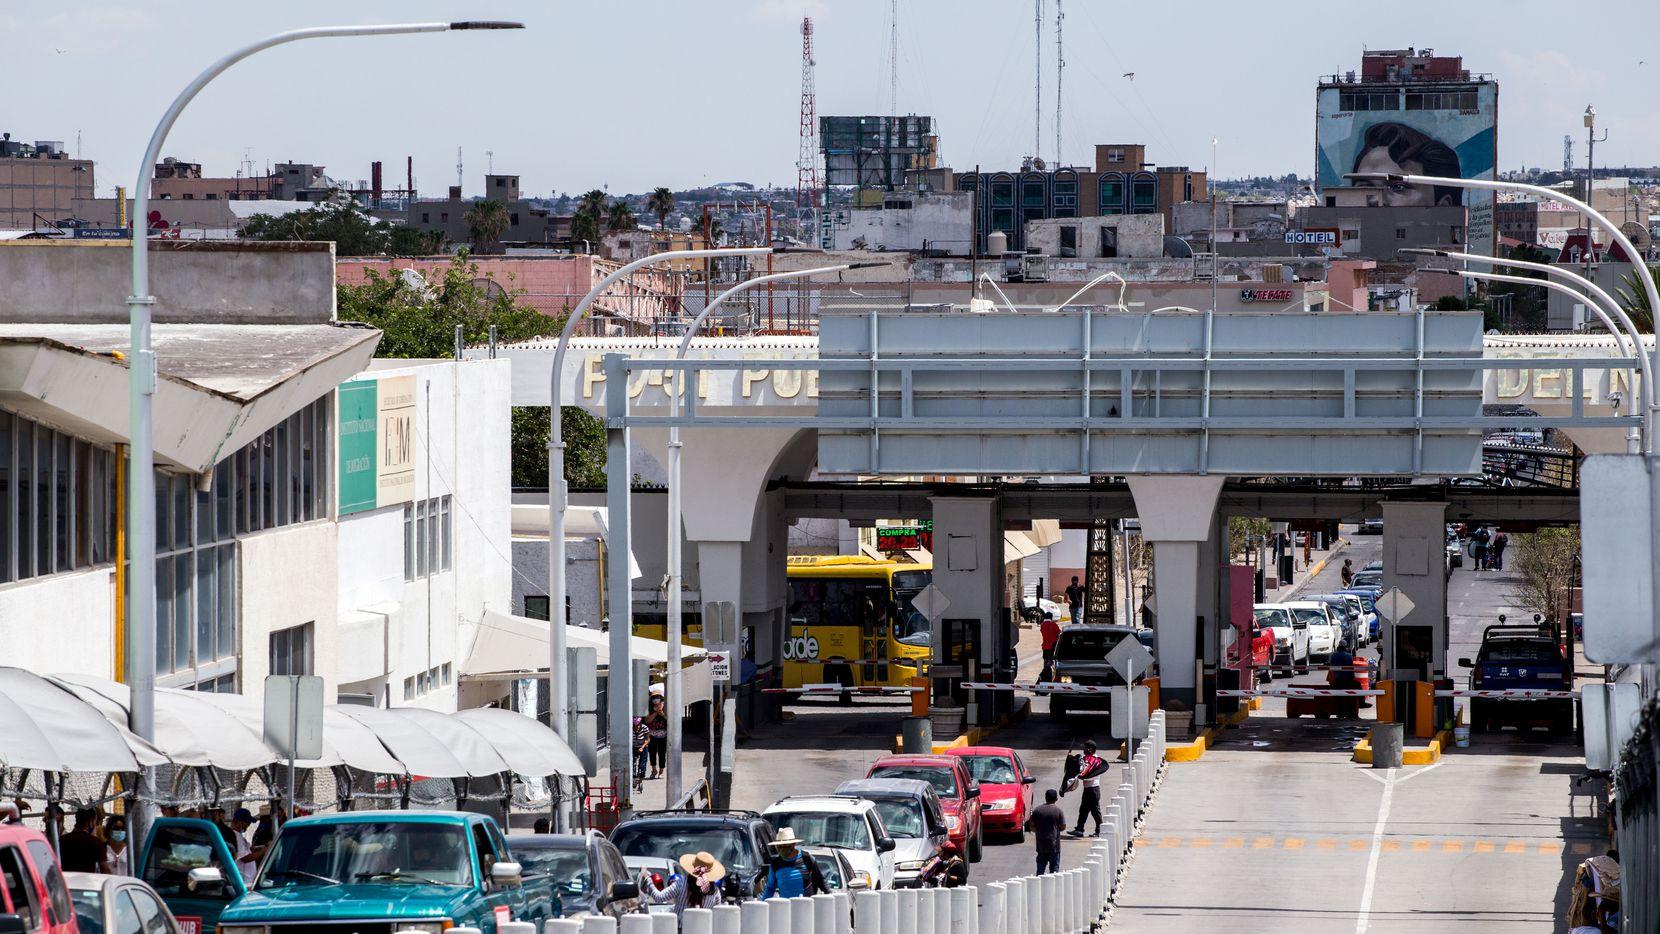 Paso fronterizo entre El Paso, Texas y Ciudad Juárez, Chihuahua. El tránsito ha estado limitado desde marzo de 2020.